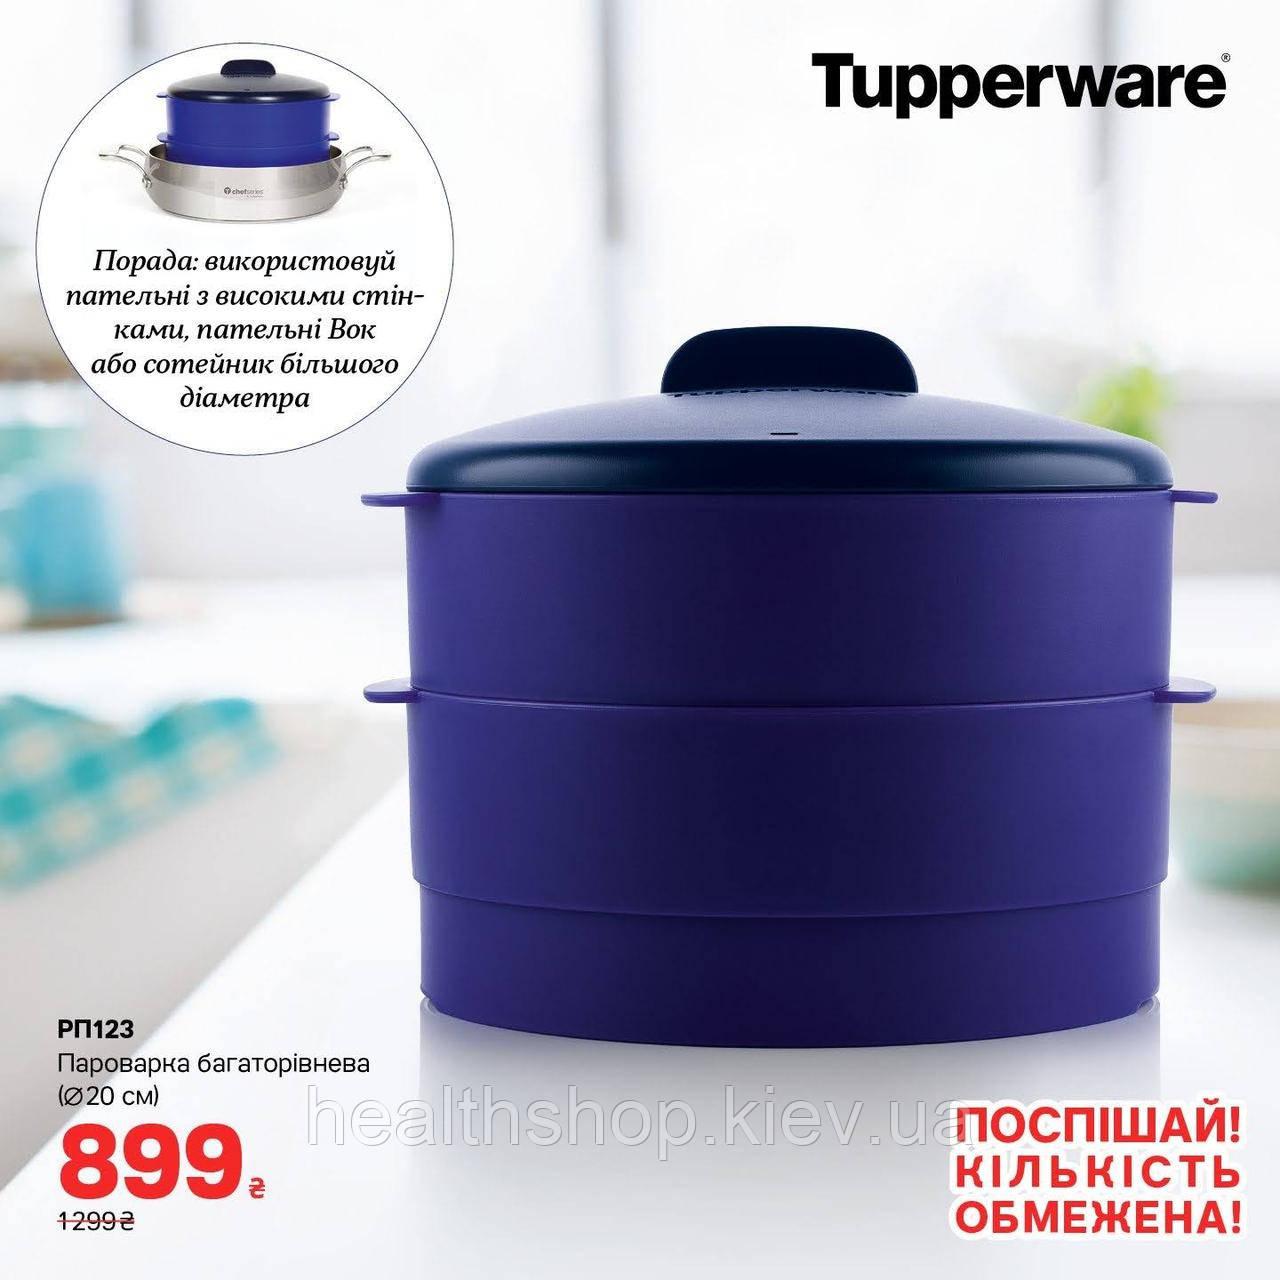 Пароварка дворівнева синє (діаметр 20 см) Tupperware (Оригінал) Тапервер